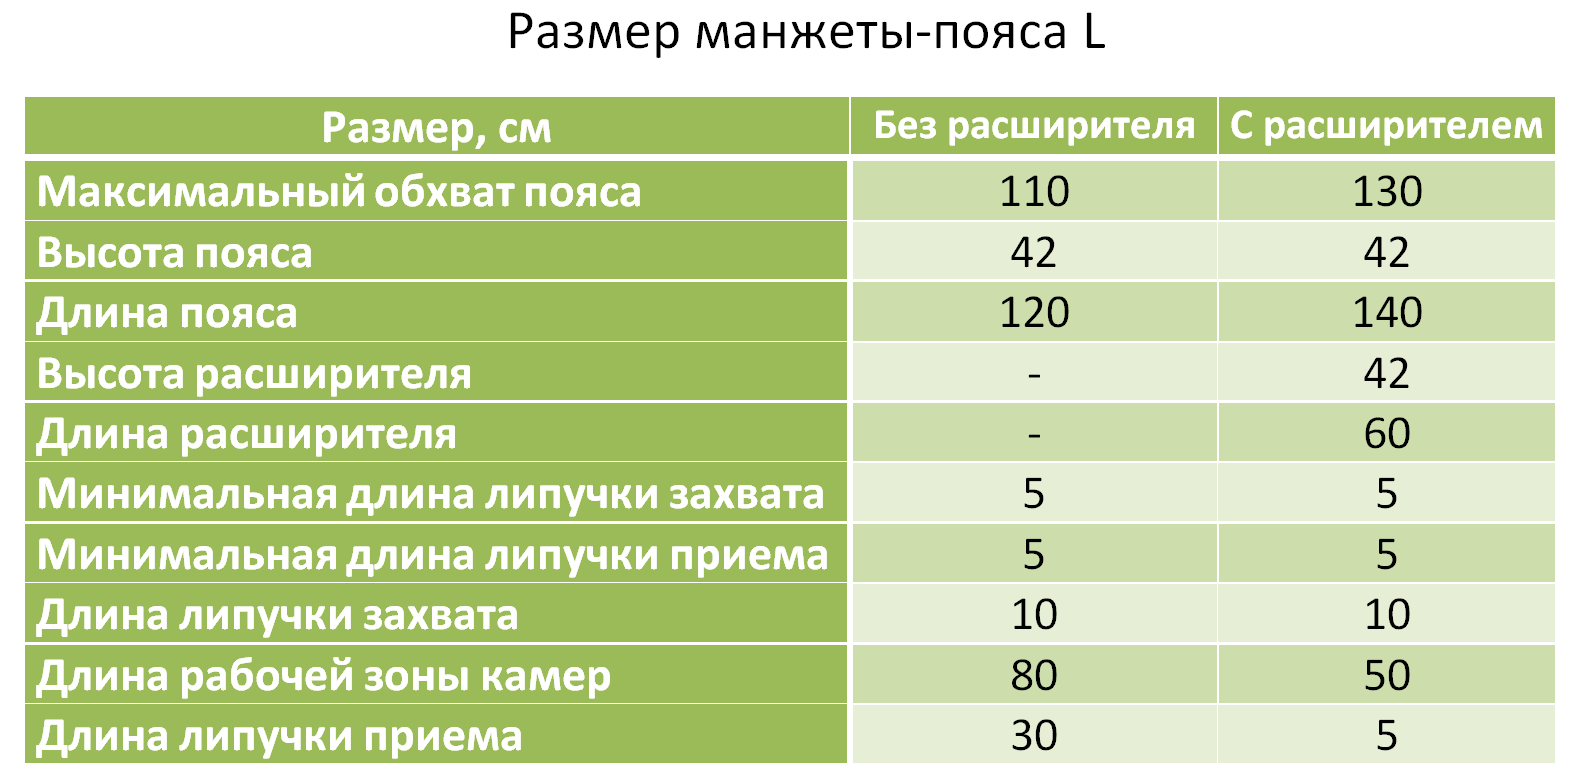 Размер манжеты-пояса L